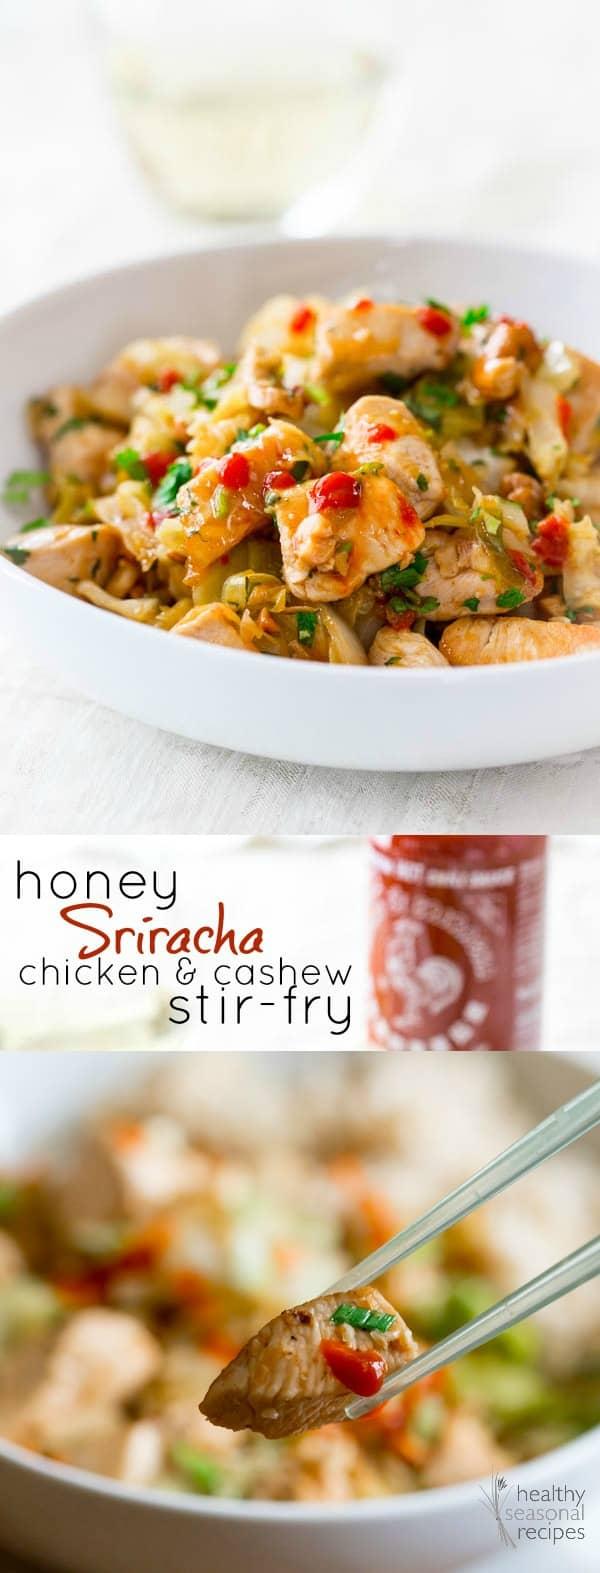 Healthy Cashew Chicken Stir Fry Recipe